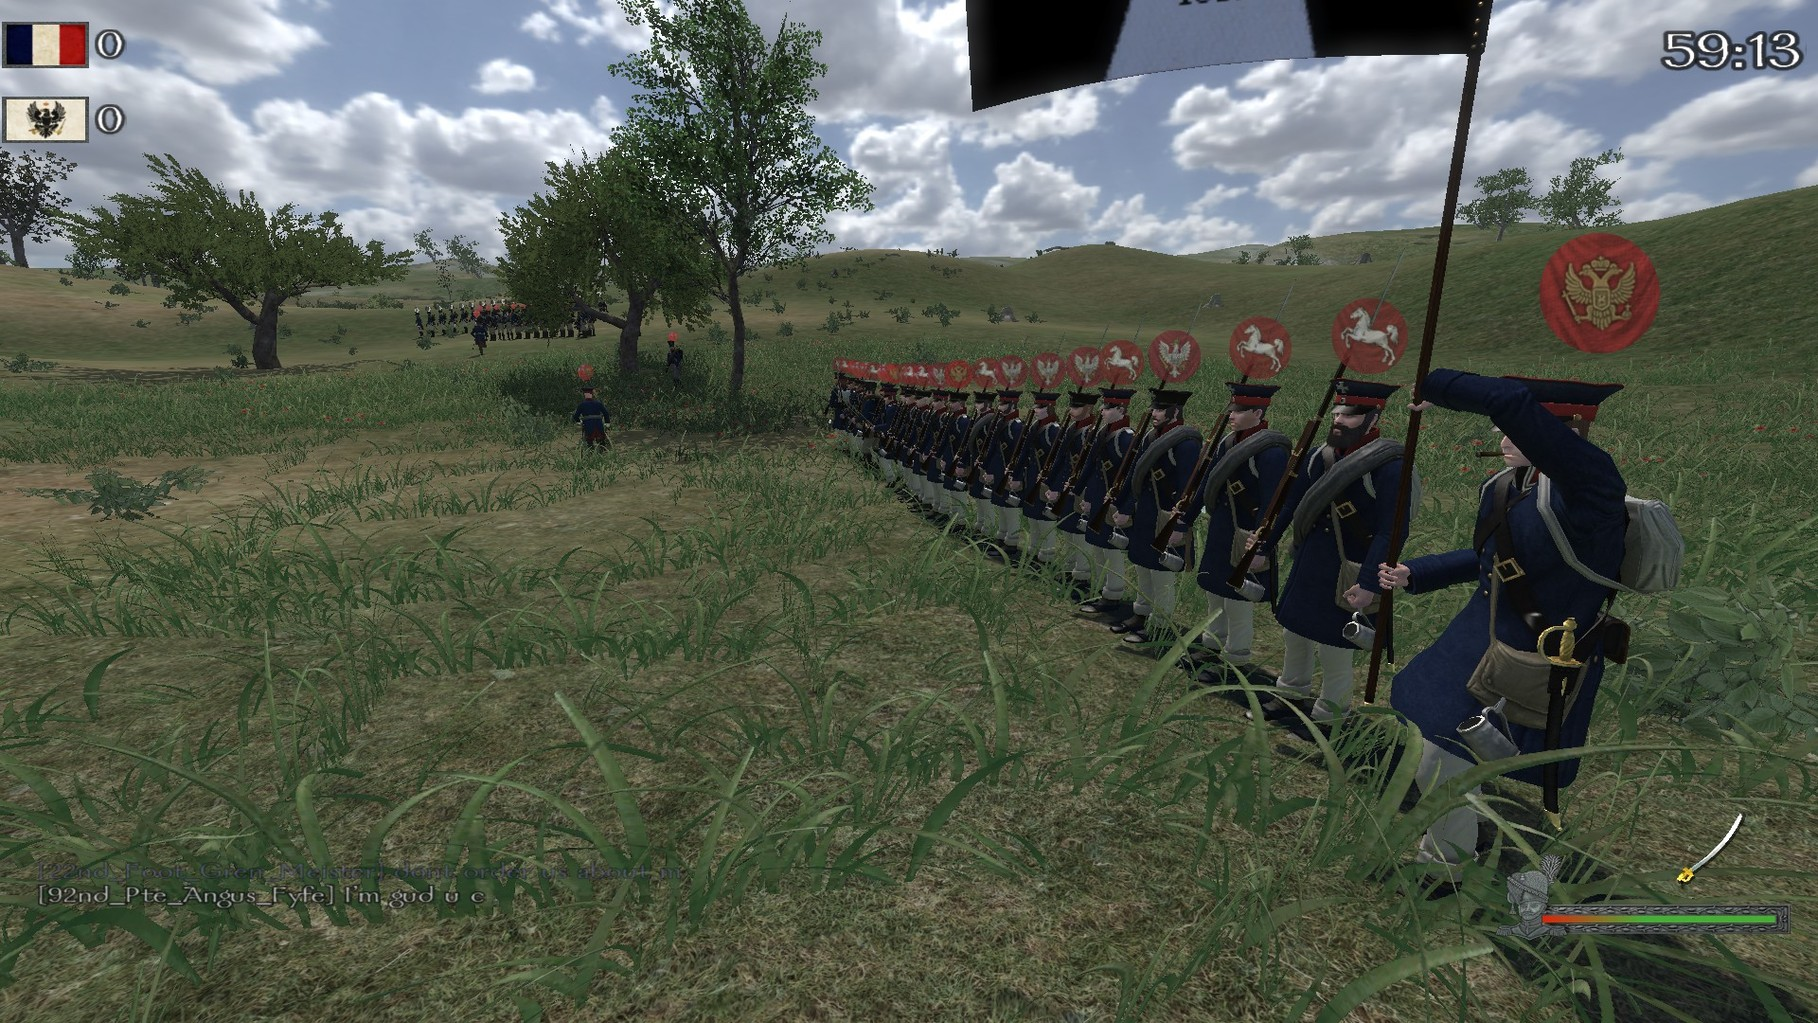 Zusammengeschlossen zu einer Linie unter anderem gegen die 6te Garde und die 84e.